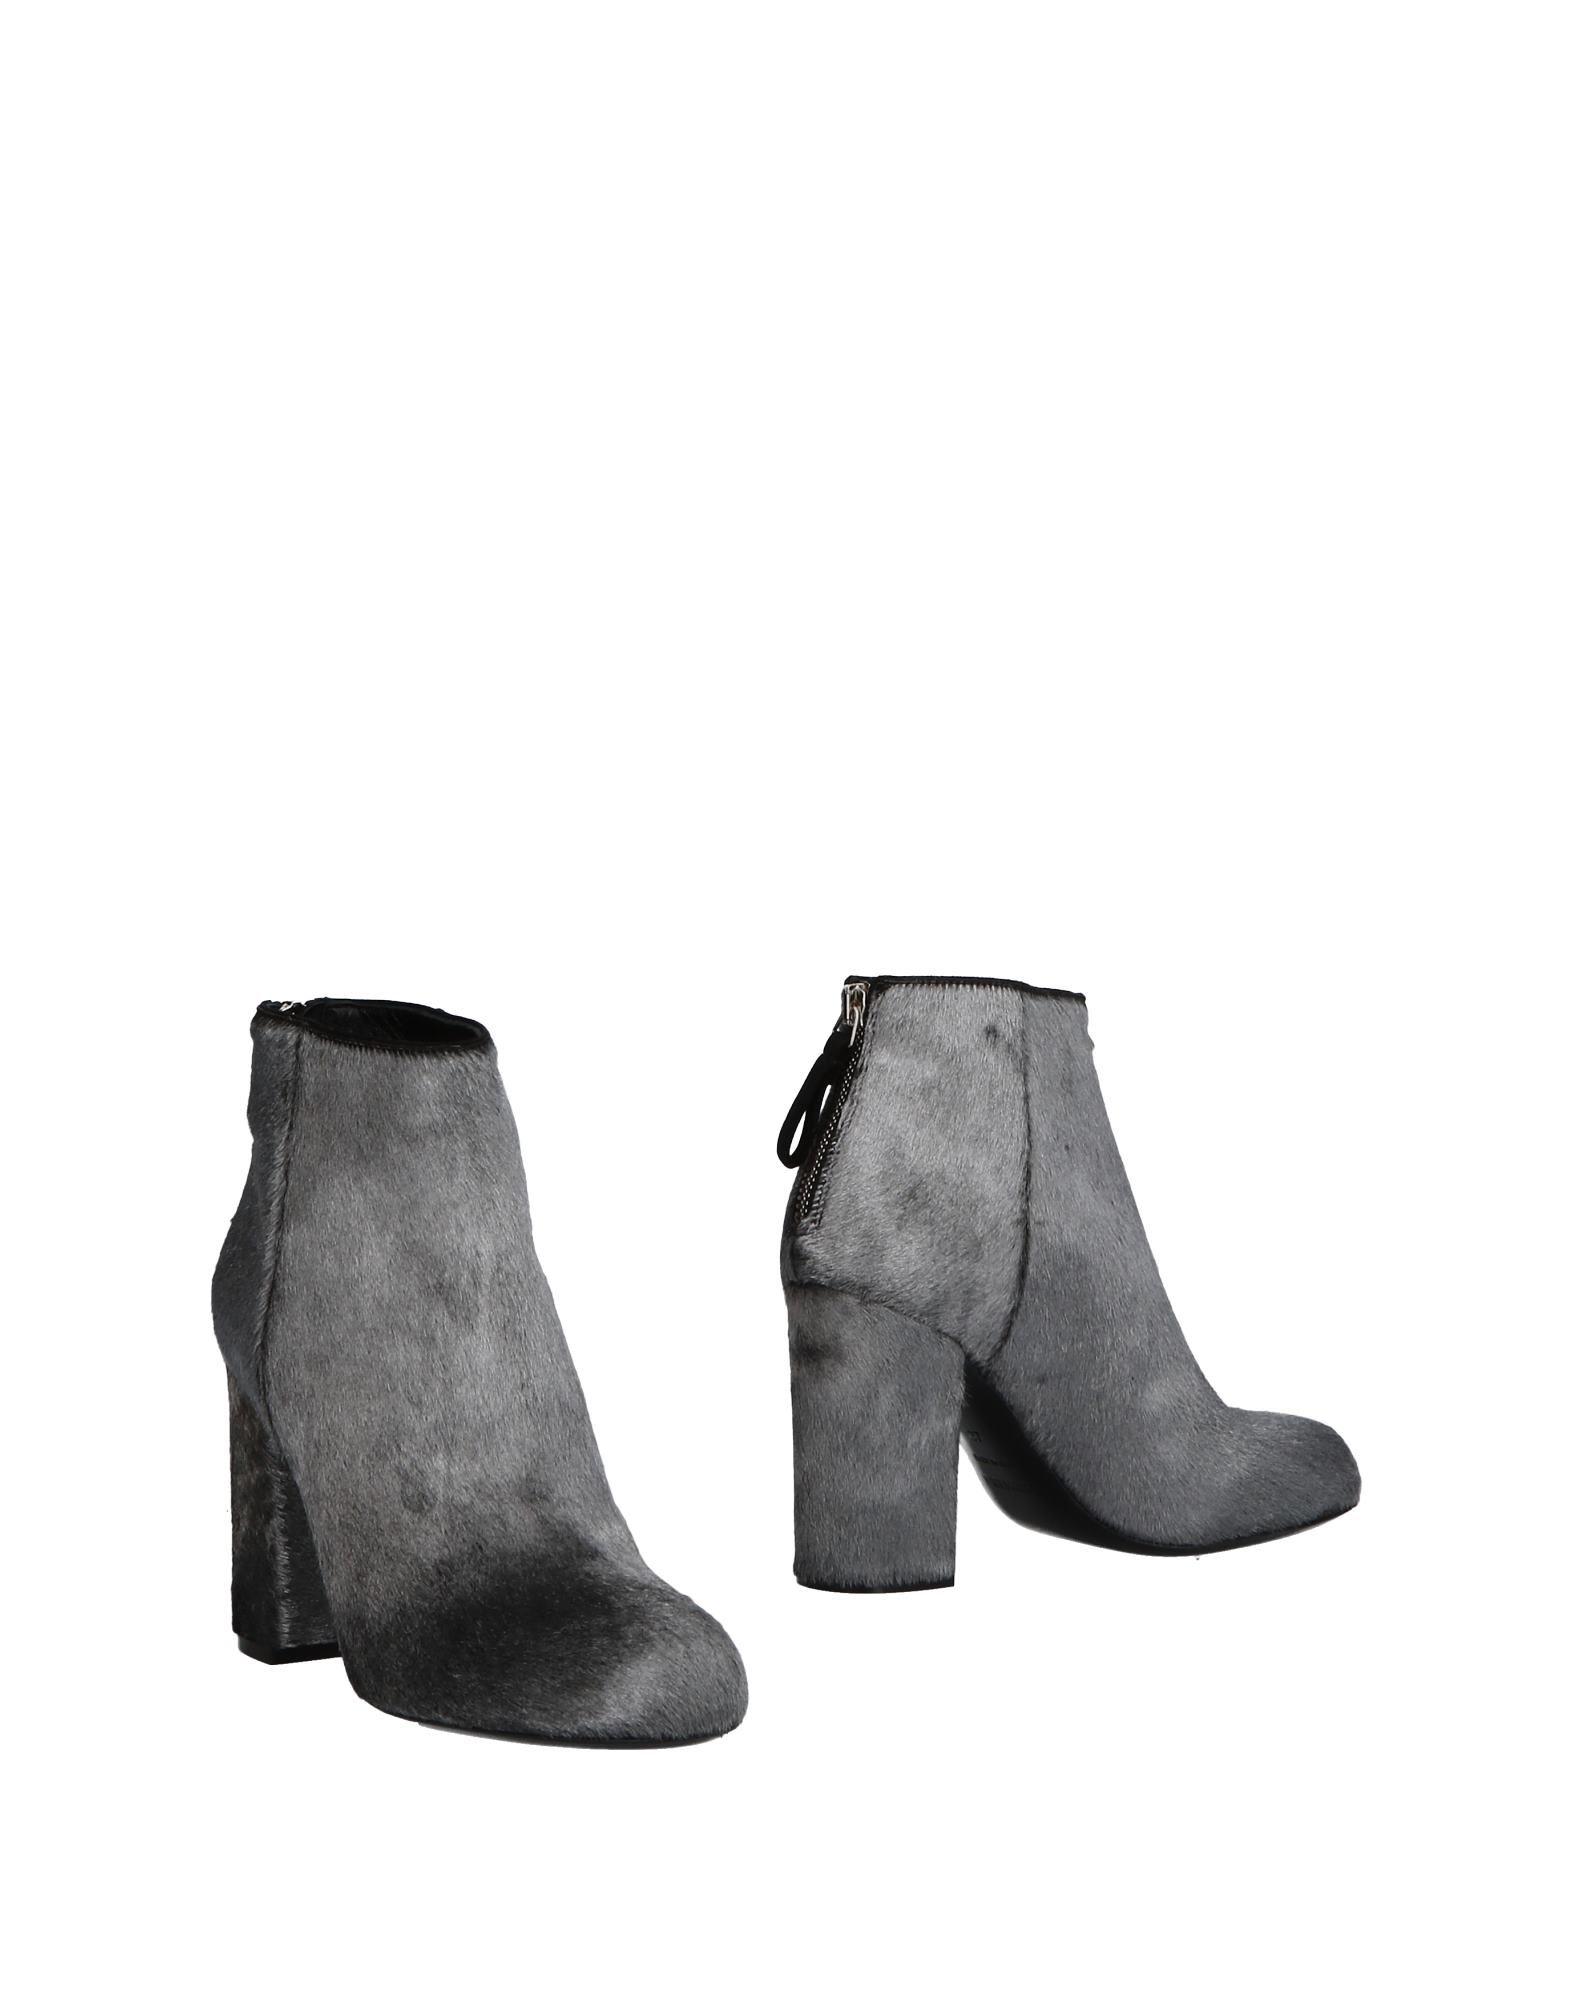 Premiata Stiefelette Damen Schuhe  11502509NXGünstige gut aussehende Schuhe Damen a2a4fc